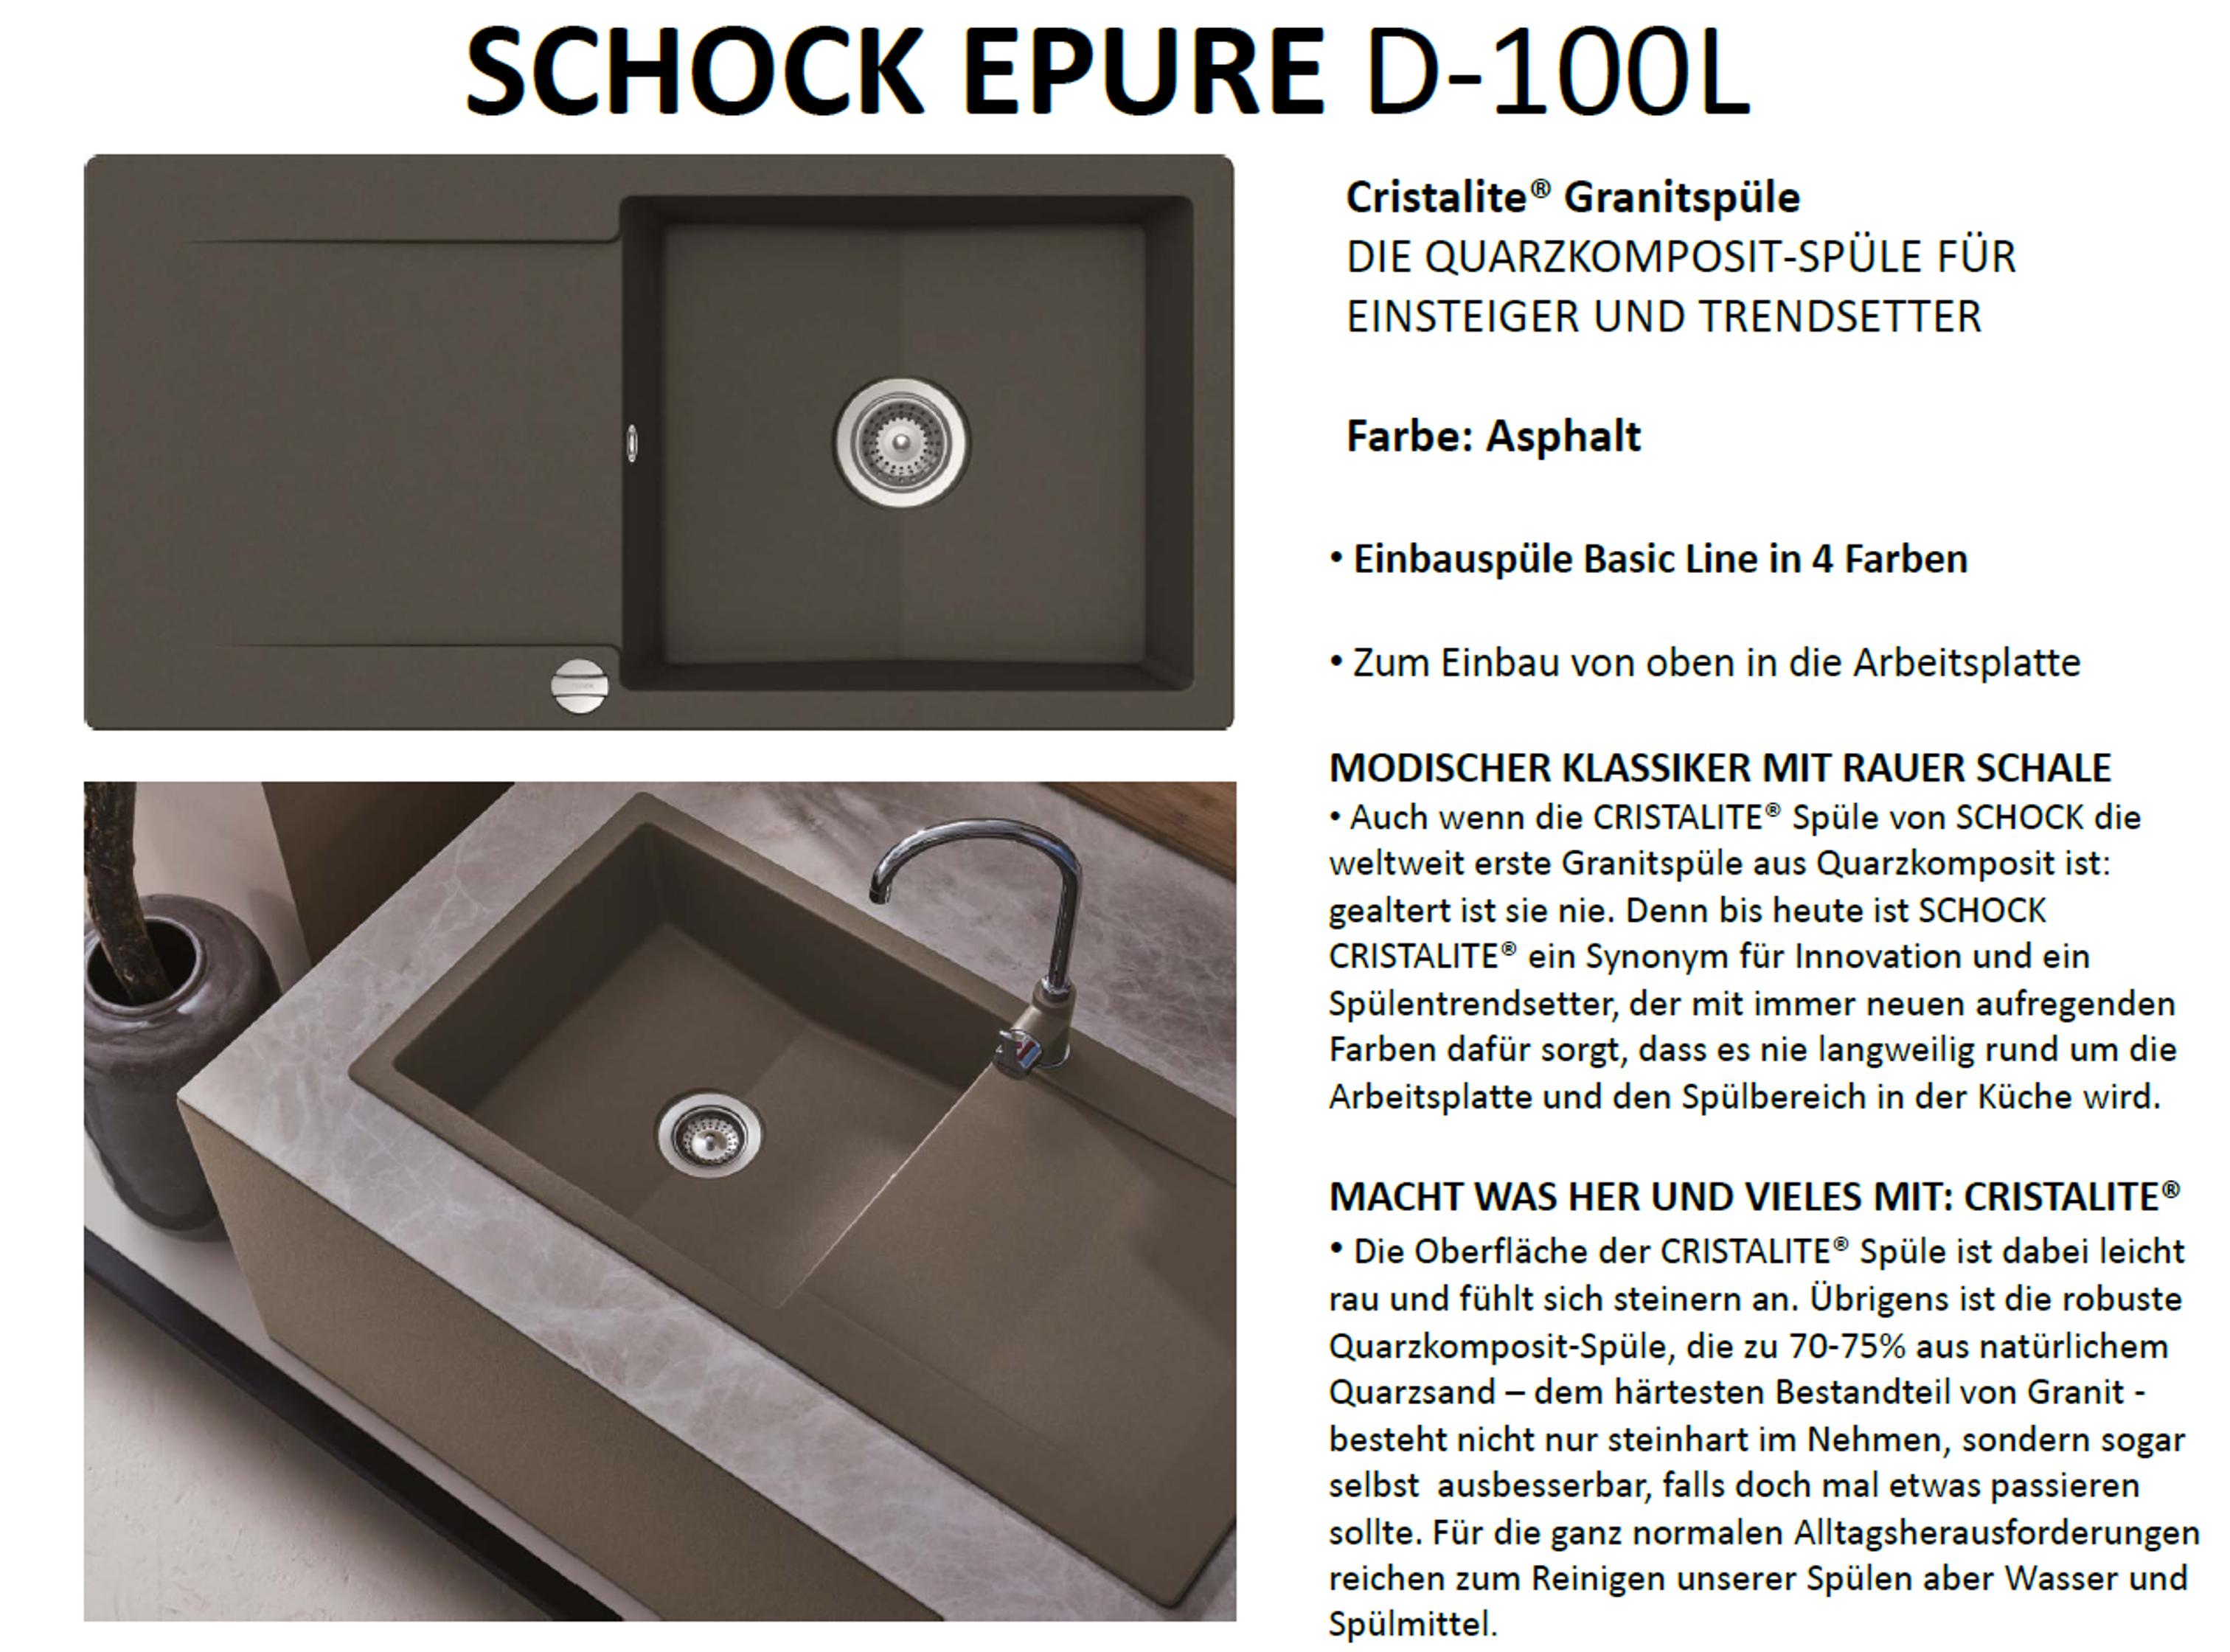 Schock Epure D 100l Jetzt Gunstig Kaufen Spulenshop24